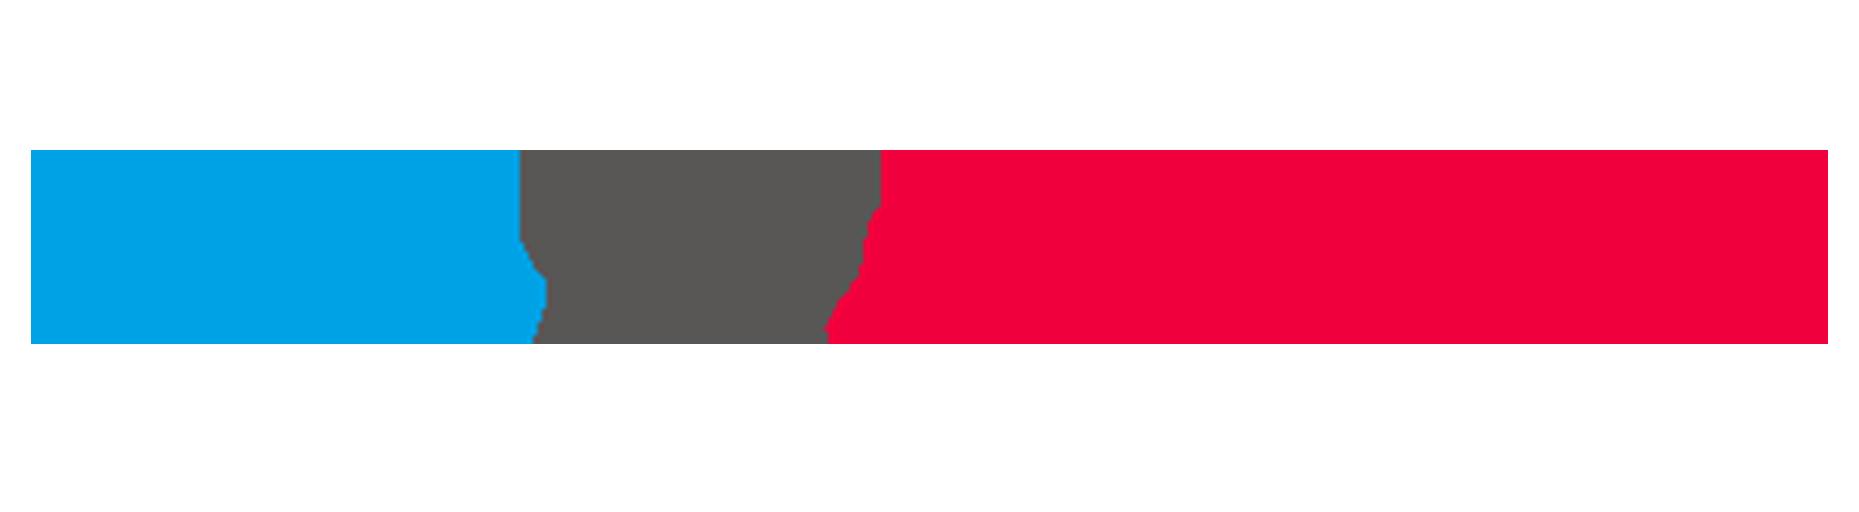 ひかりTV Logo